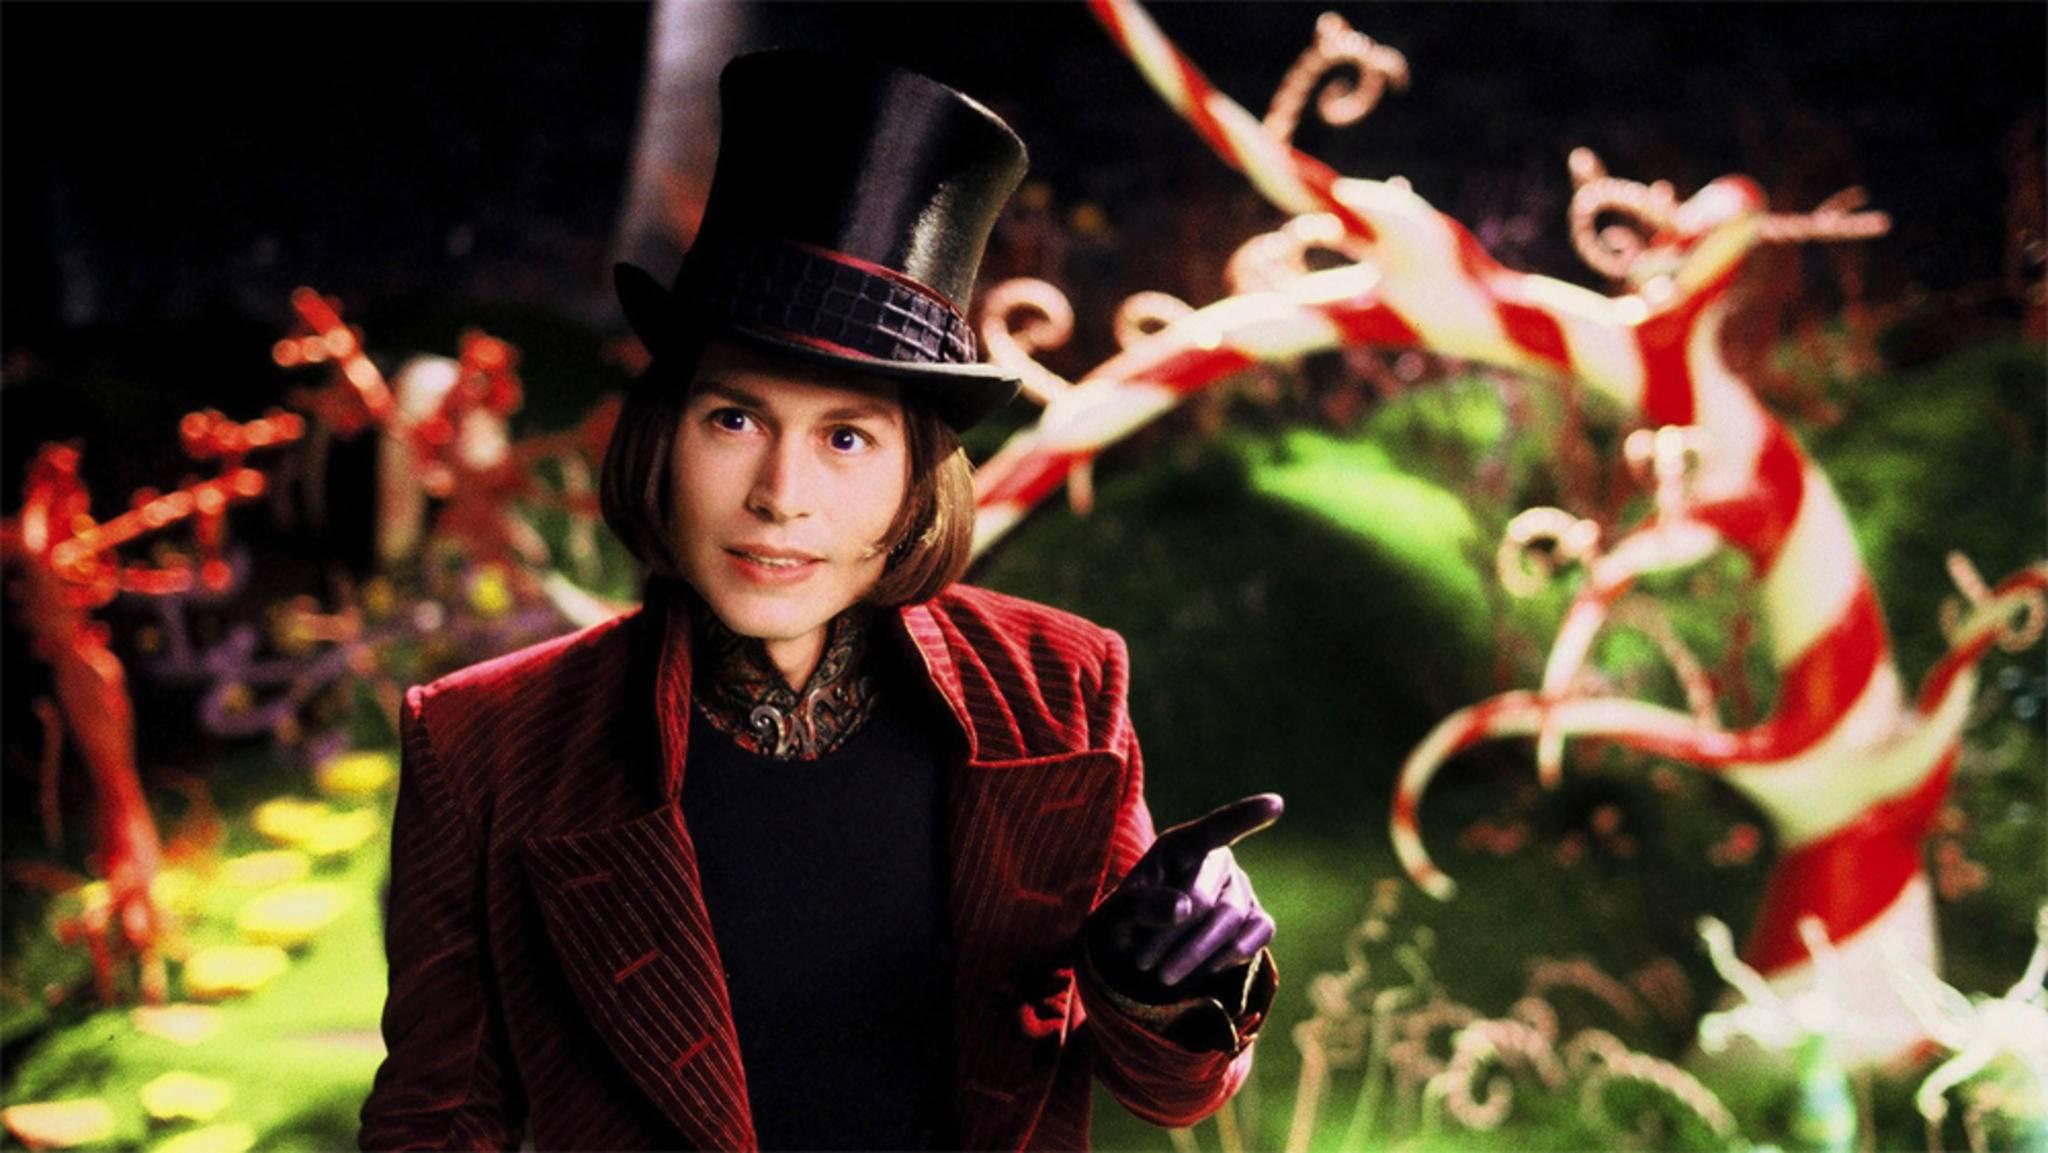 Das Prequel soll zeigen, wie Willy Wonka zu dem wurde, der er ist.